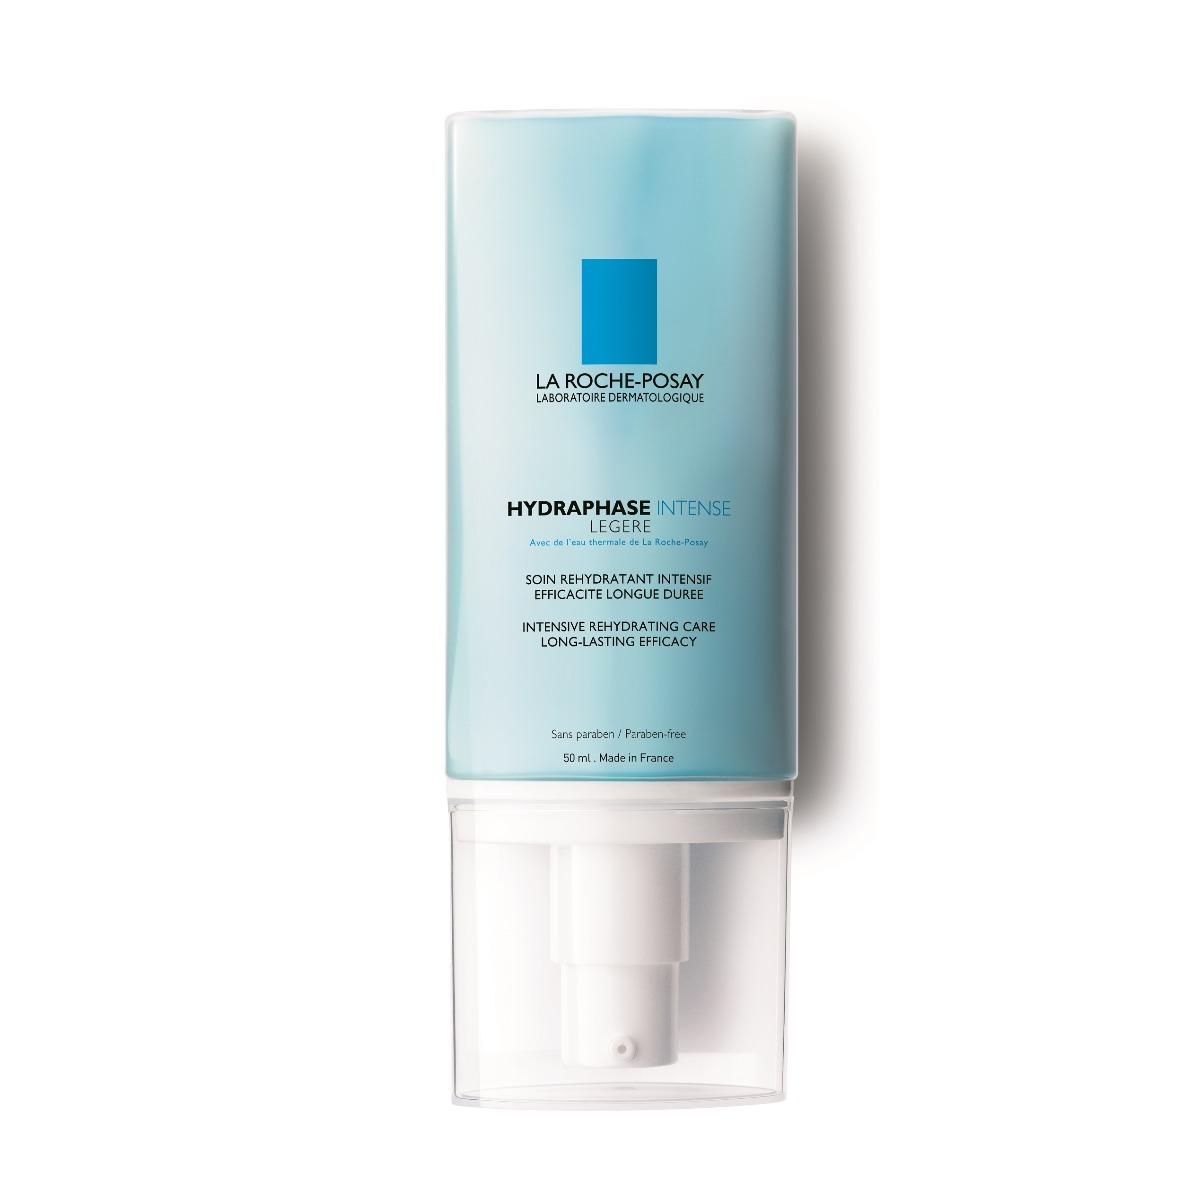 Crema hidratanta ten normal-mixt Hydraphase Intense Legere, 50ml, La Roche-Posay imagine produs 2021